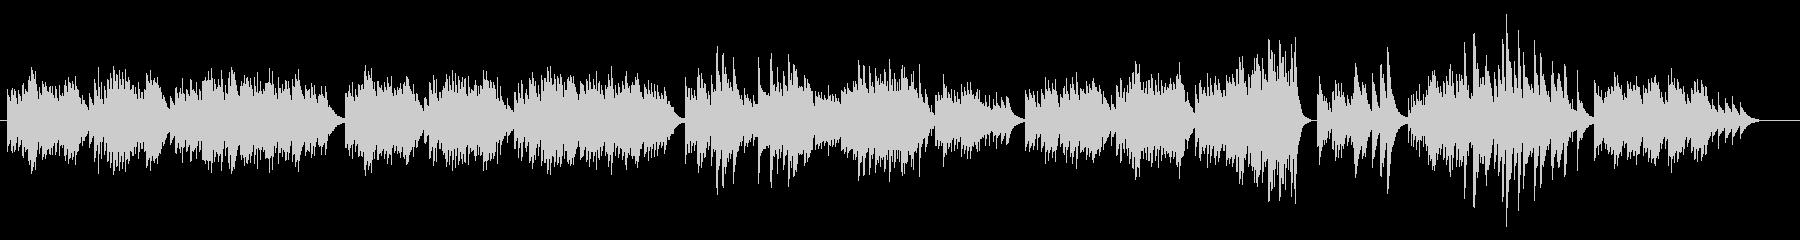 癒し系オルゴール(クラシック)の未再生の波形